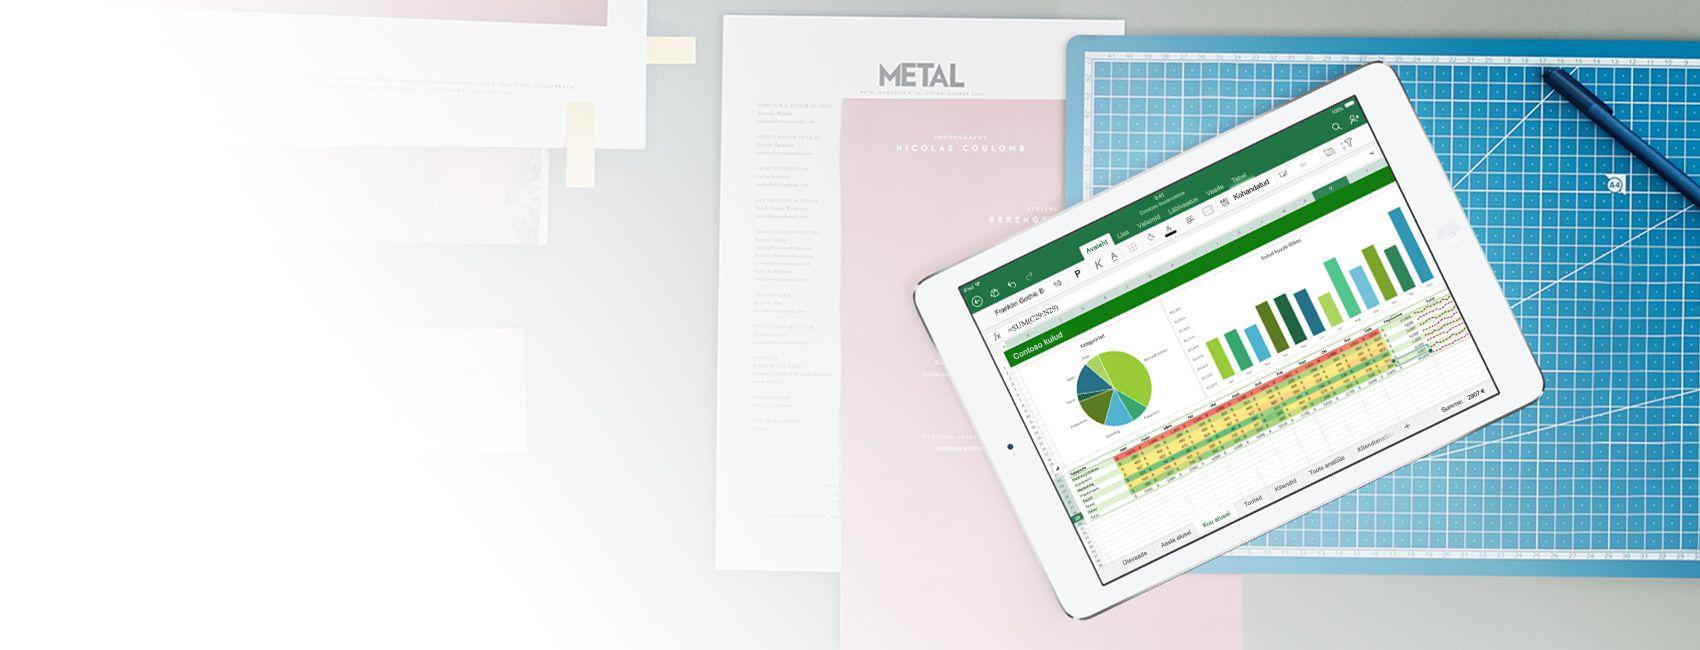 iPad, mille ekraanil on iOS-i jaoks ette nähtud Exceli rakenduses avatud arvutustabel ja diagramm